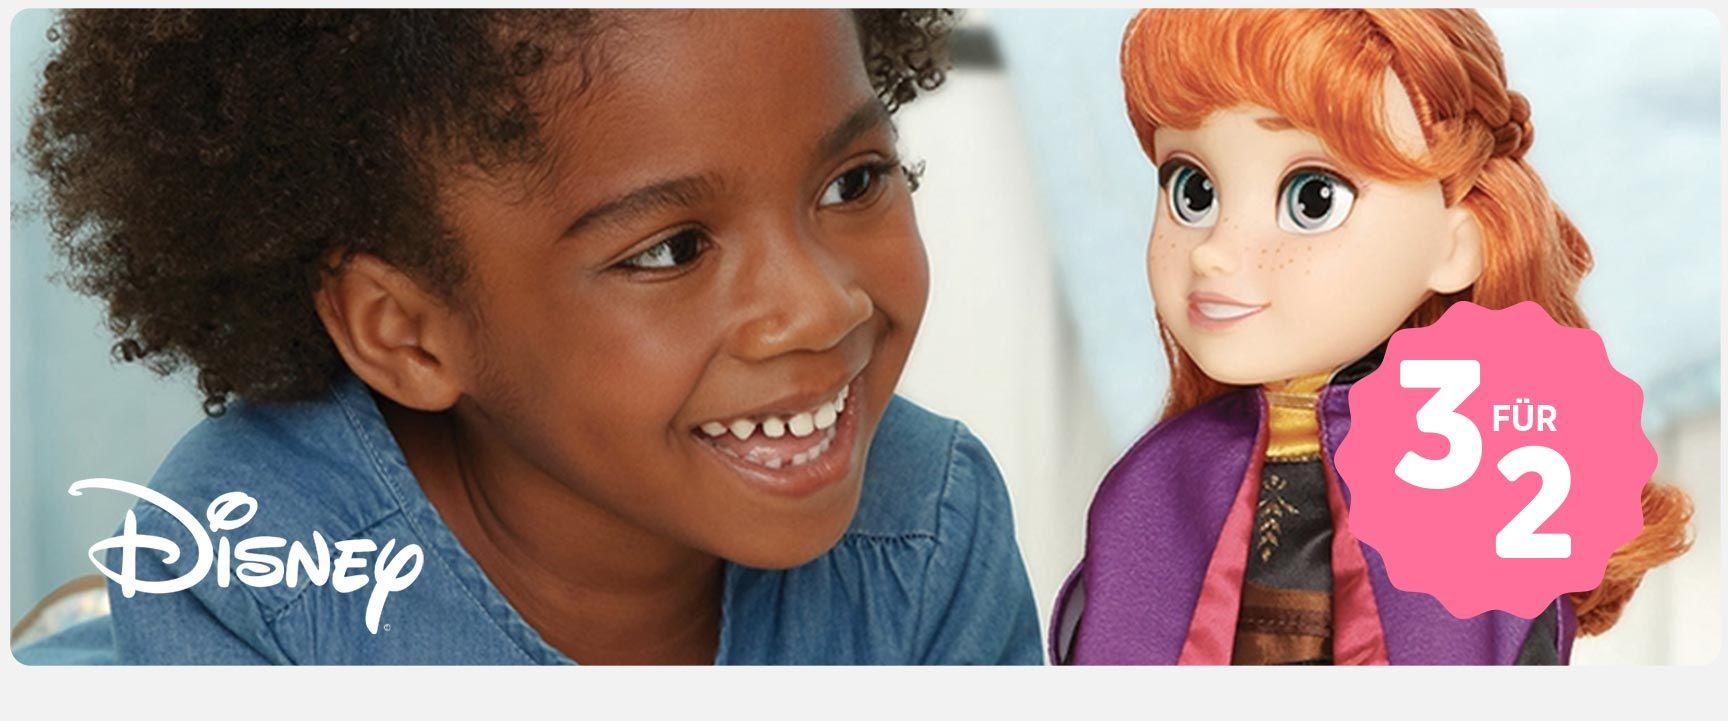 Jollyroom 3 für 2 auf ALLES von Disney, Star Wars, Toy Story, Eiskönigin, Cars